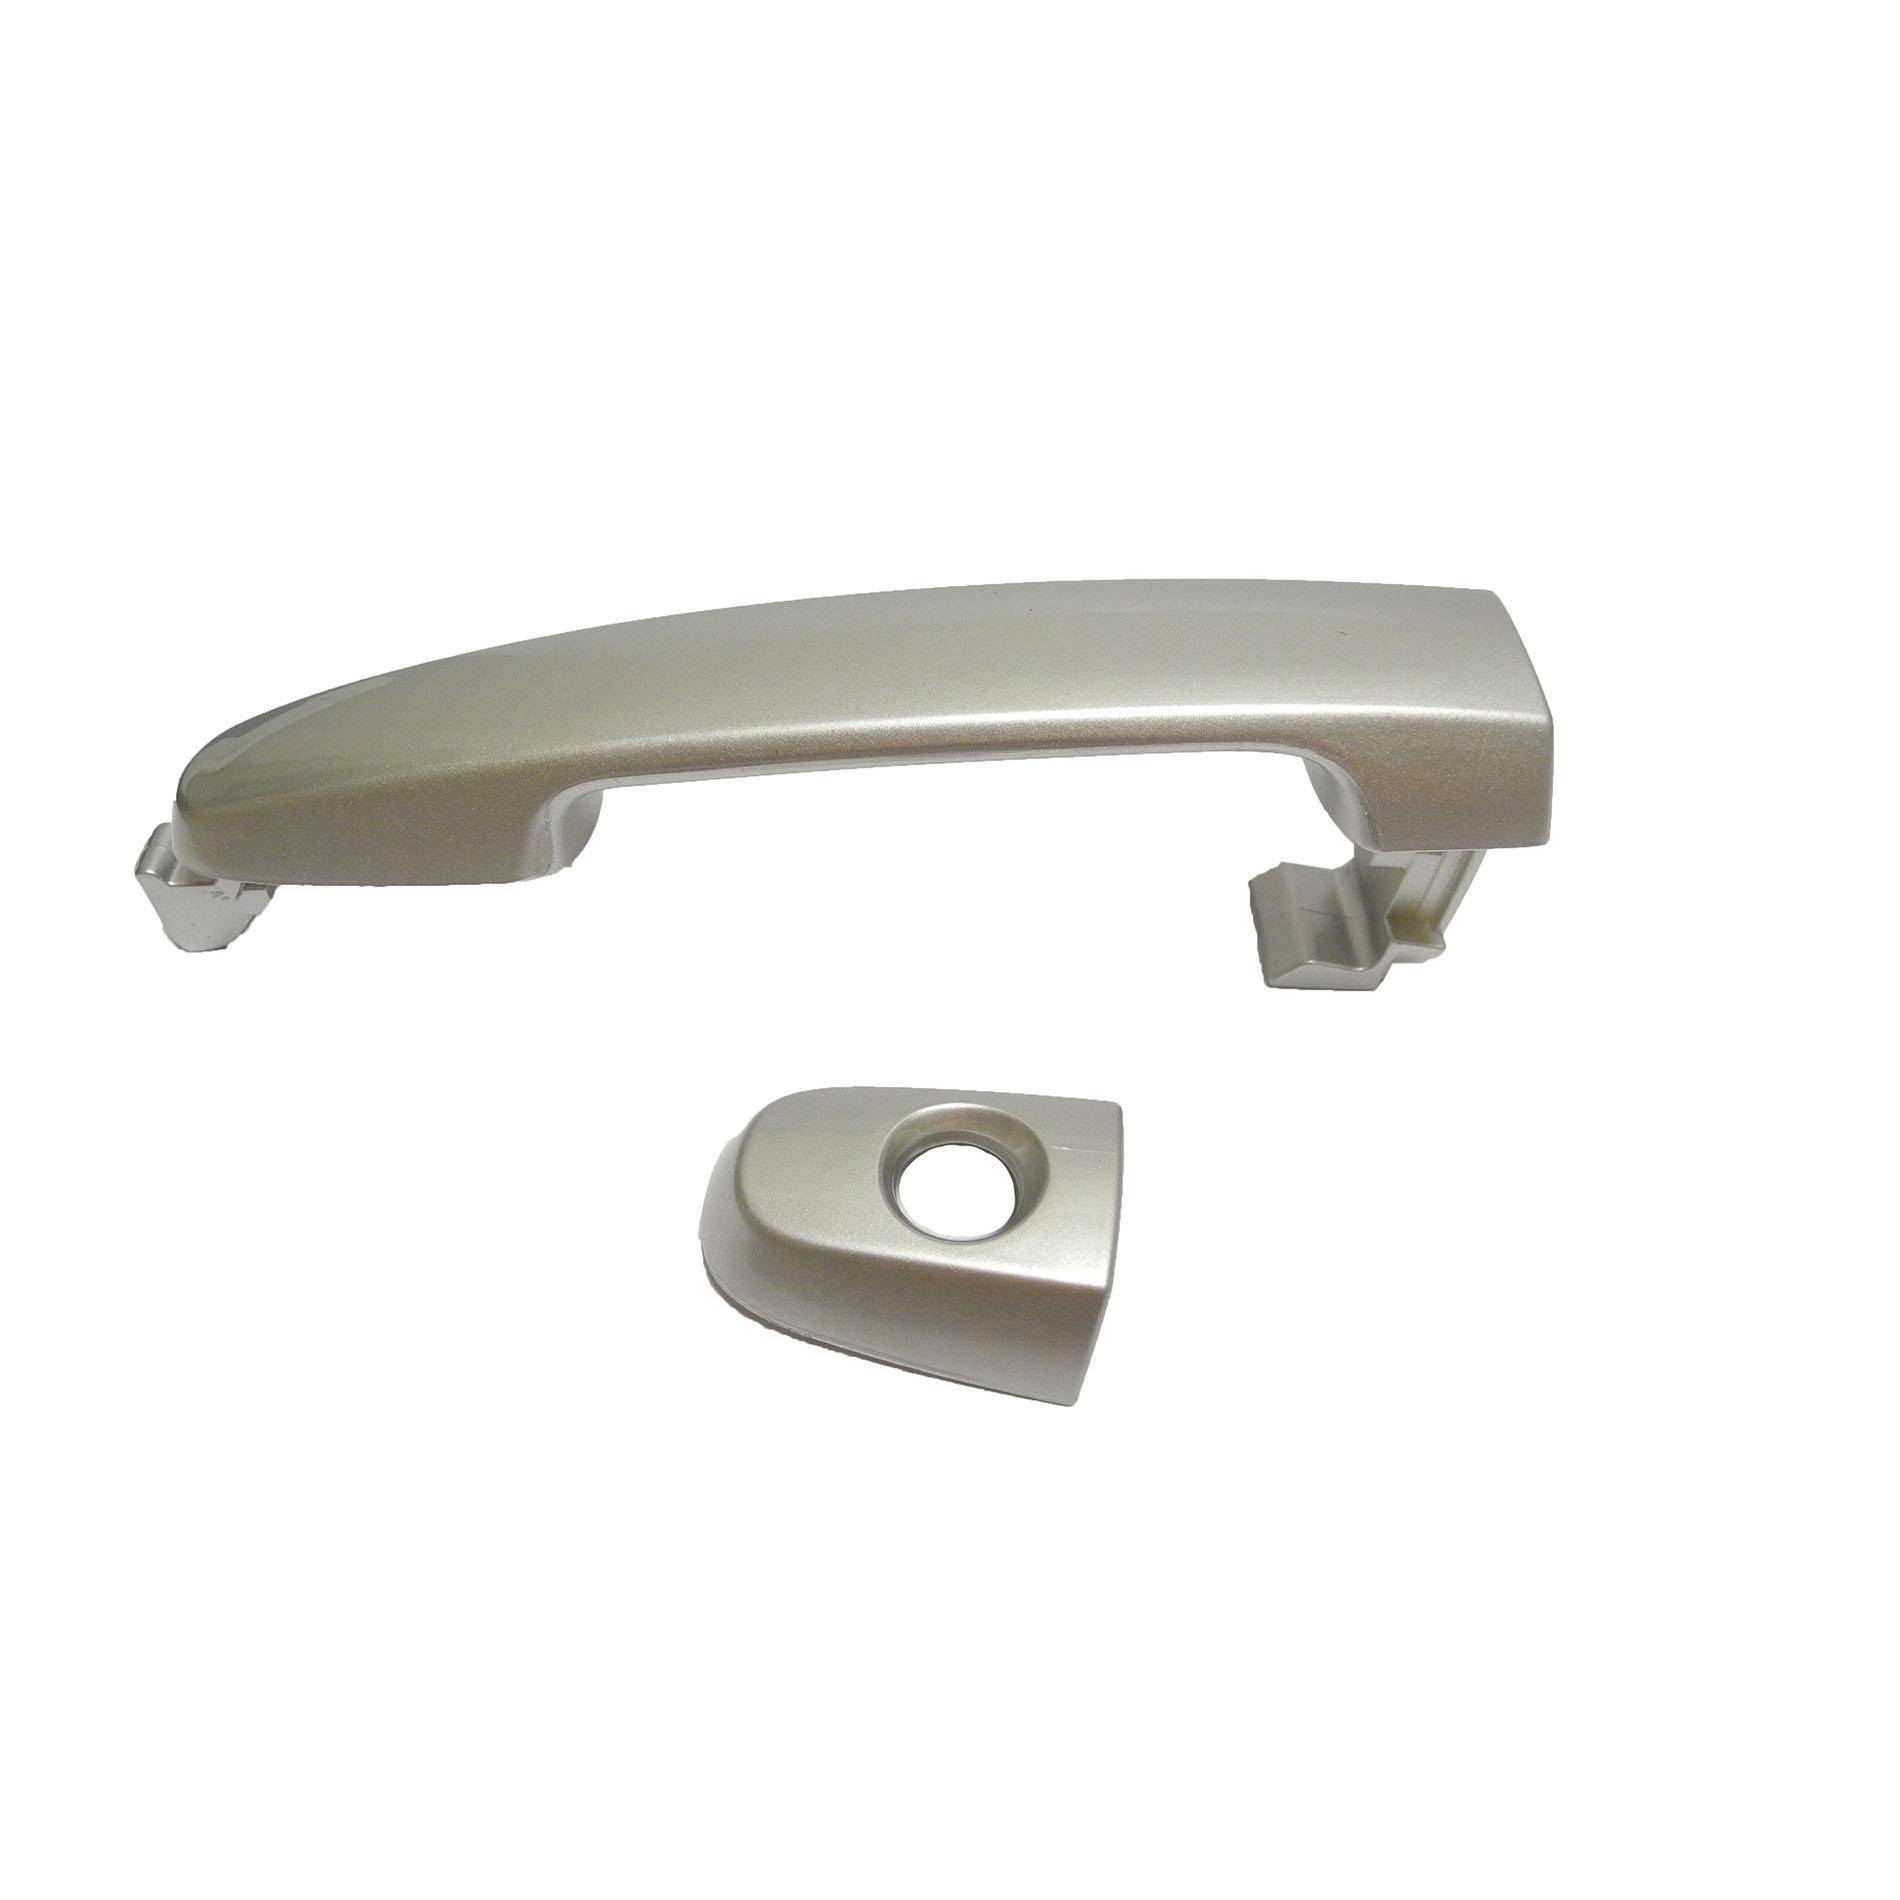 Front Outer Door Handle For 02-06 TOYOTA Camry Lunar Mist Metallic 1C8